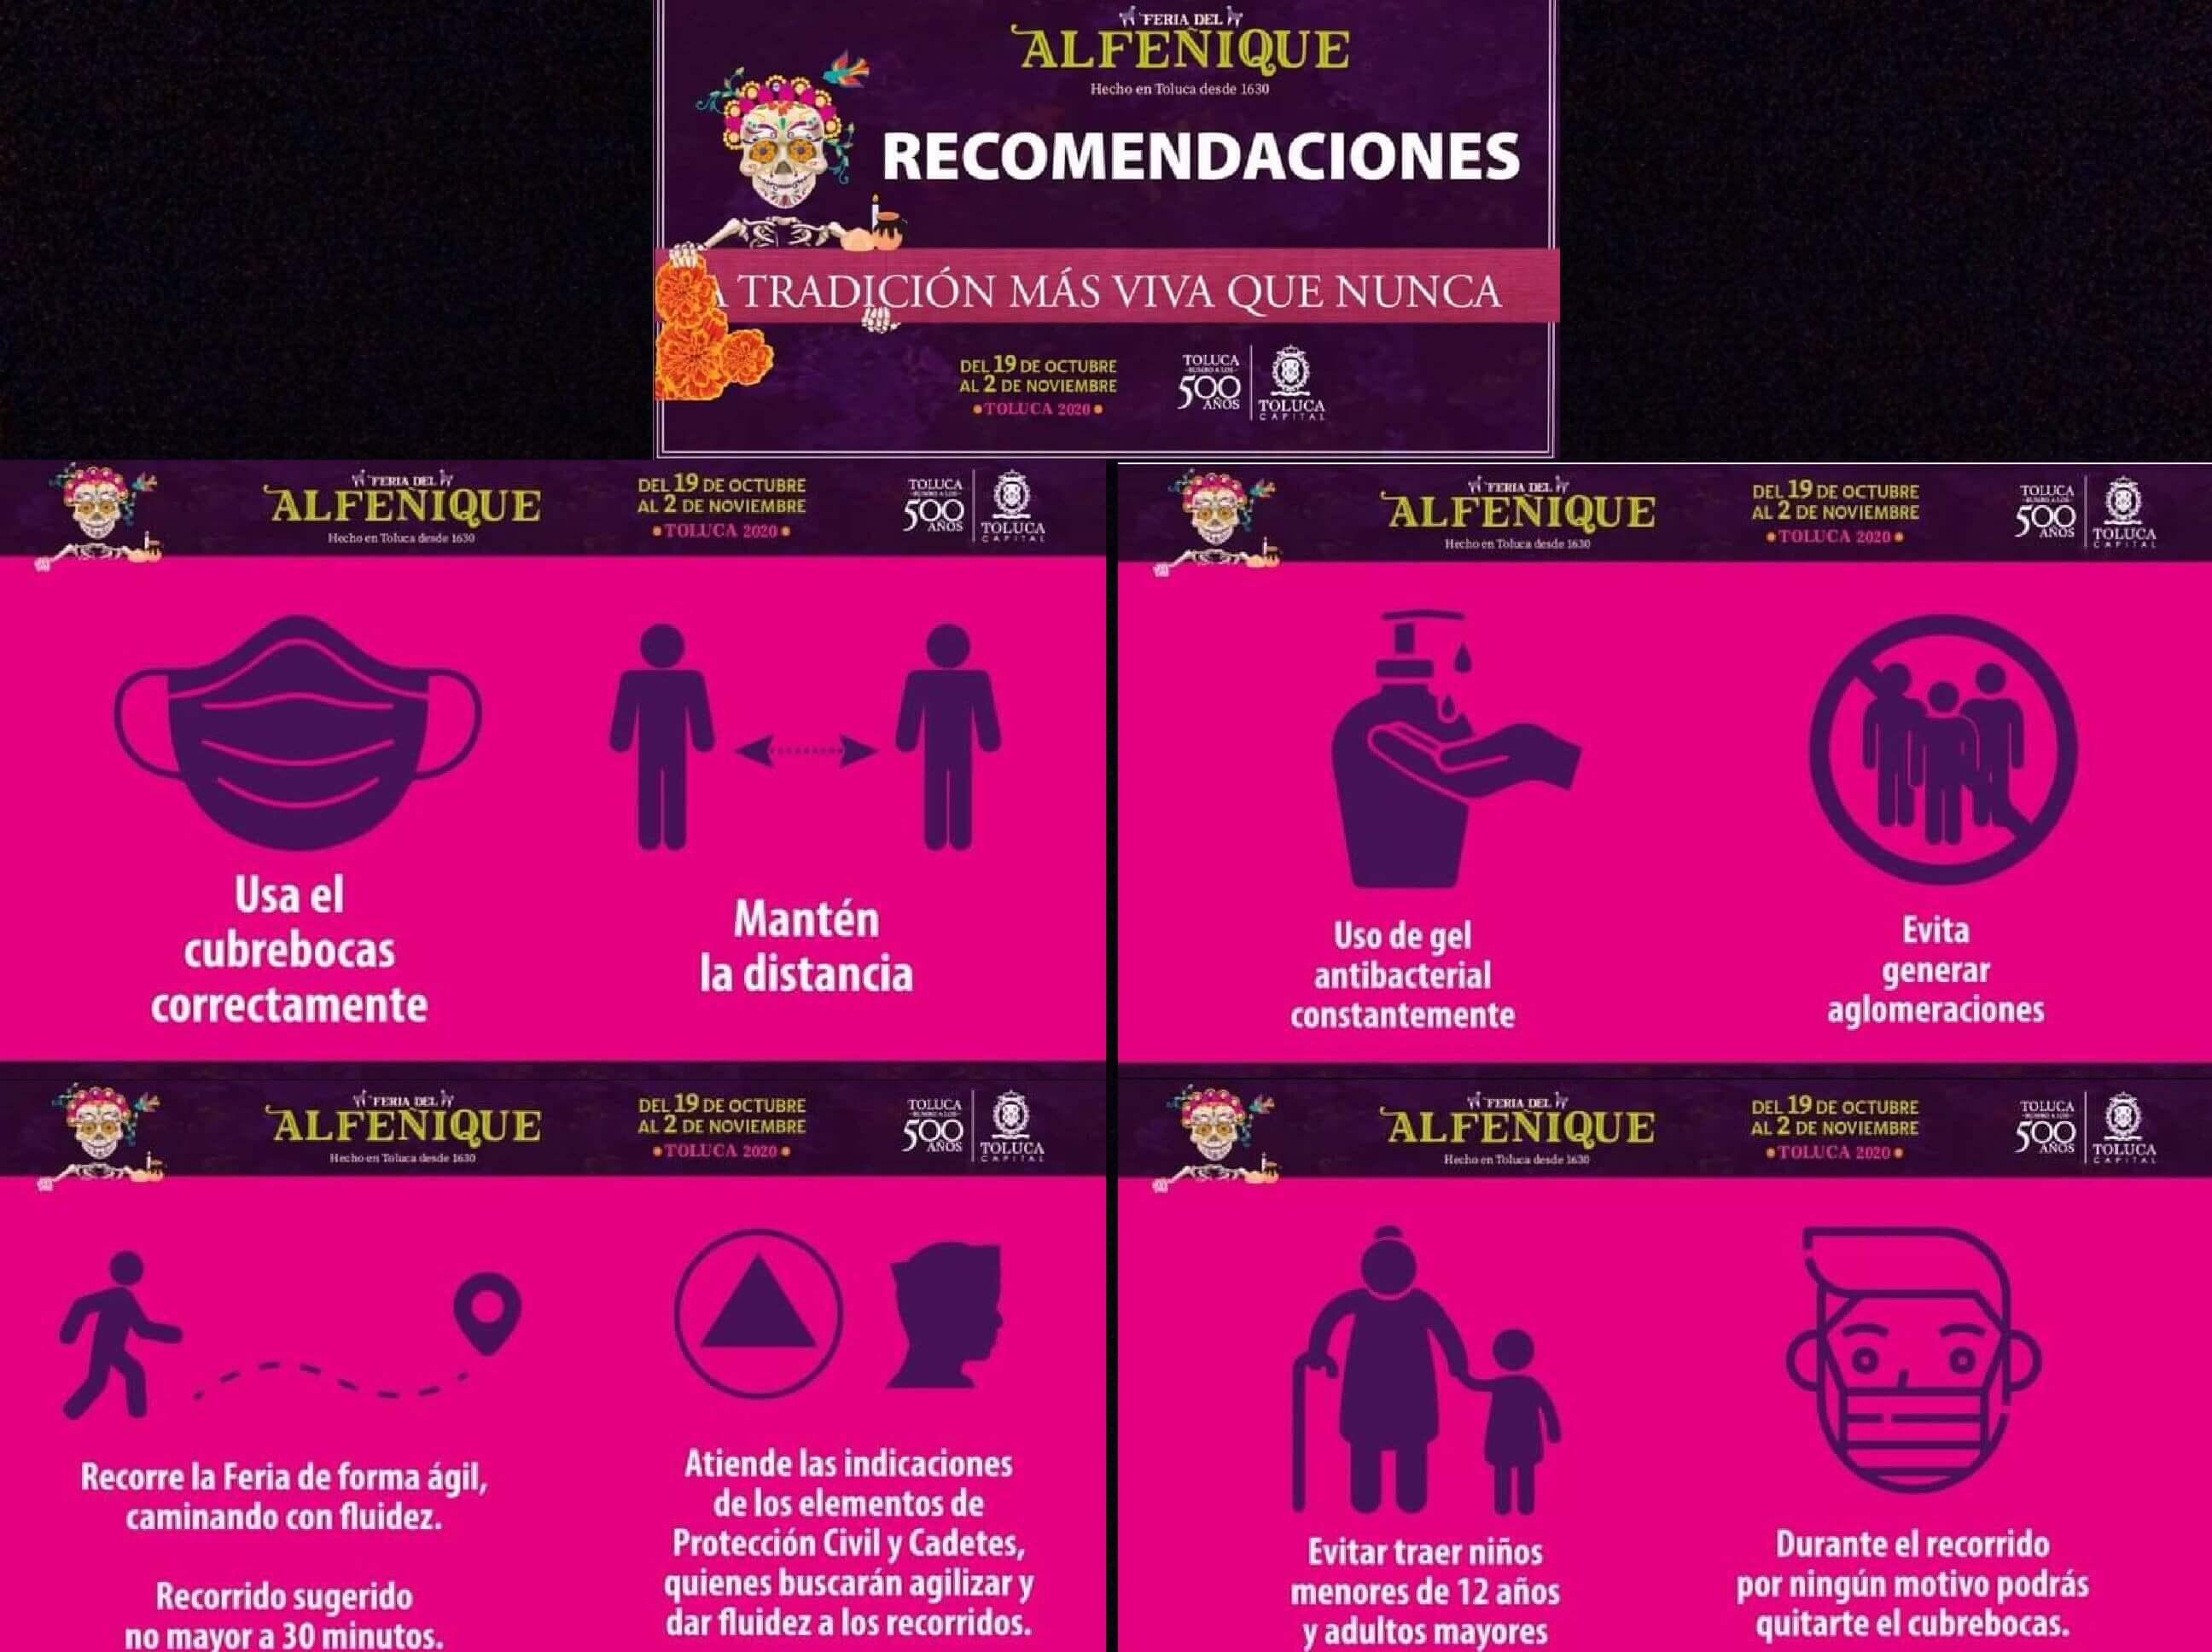 Apuesta Toluca por visitas seguras a Feria del Alfeñique